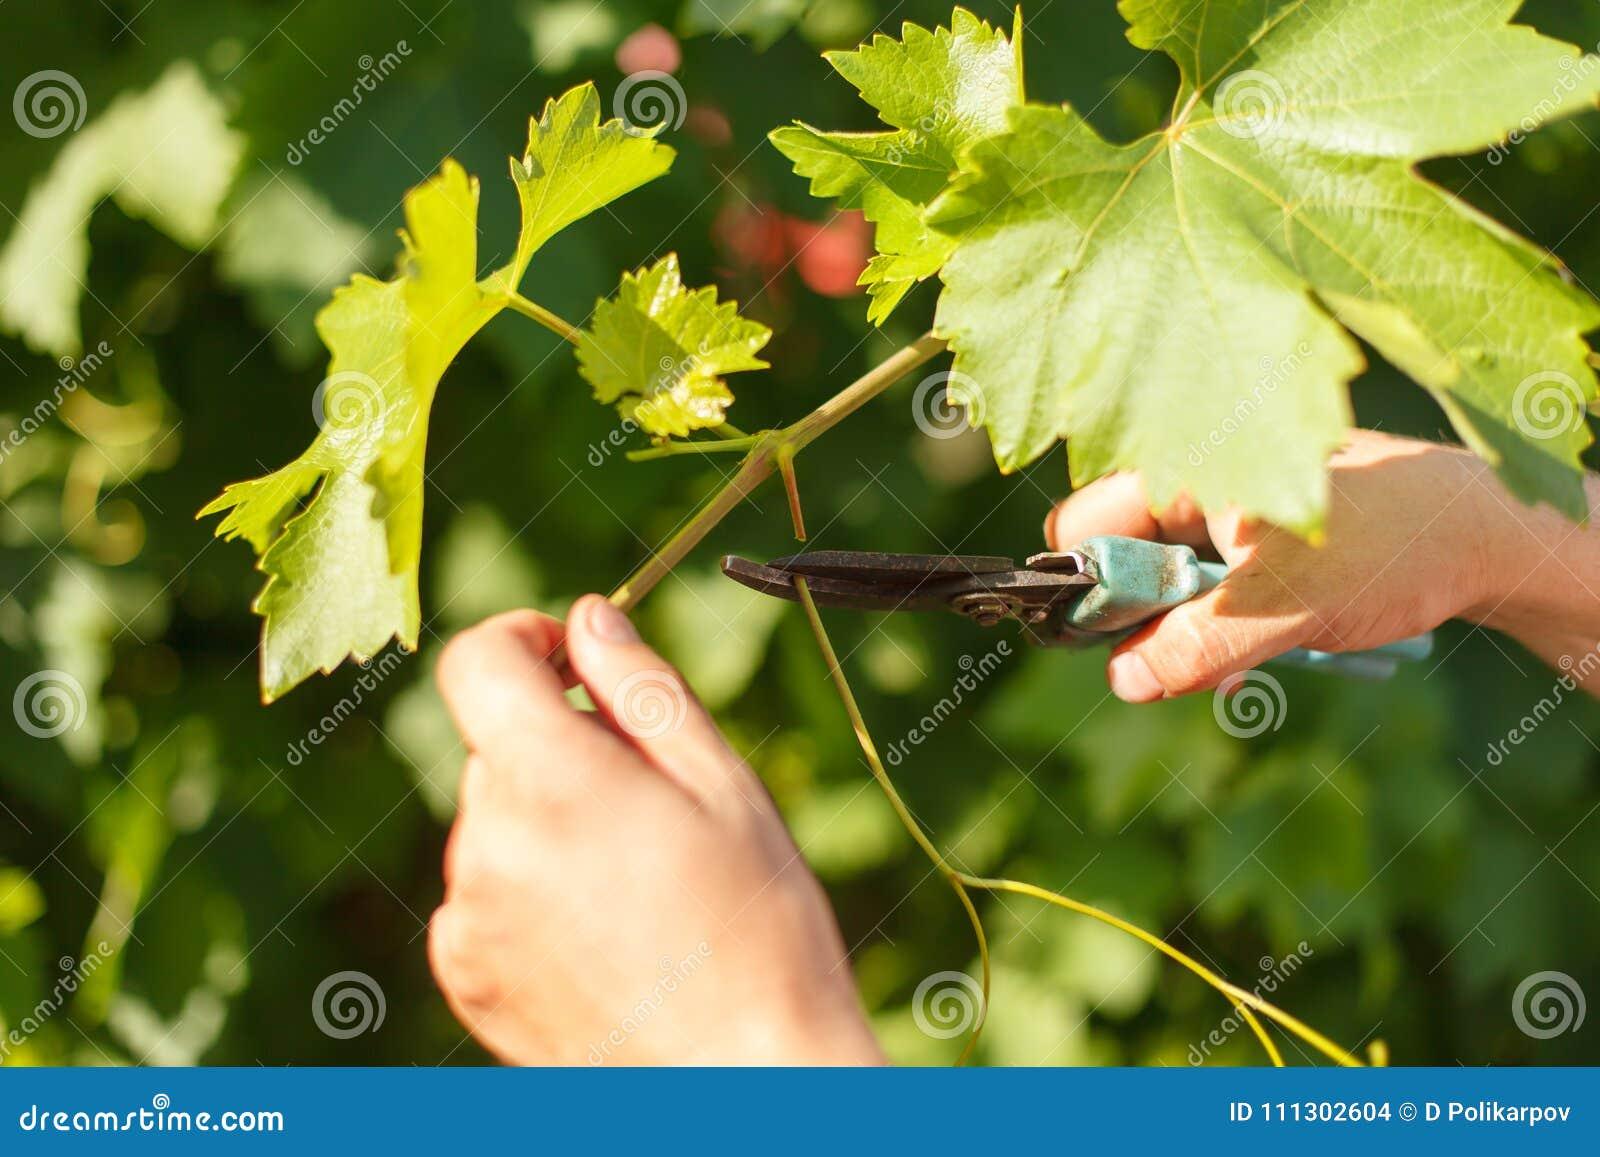 Uva del corte de la mano del ` s del viticultor en el viñedo por el tiempo soleado